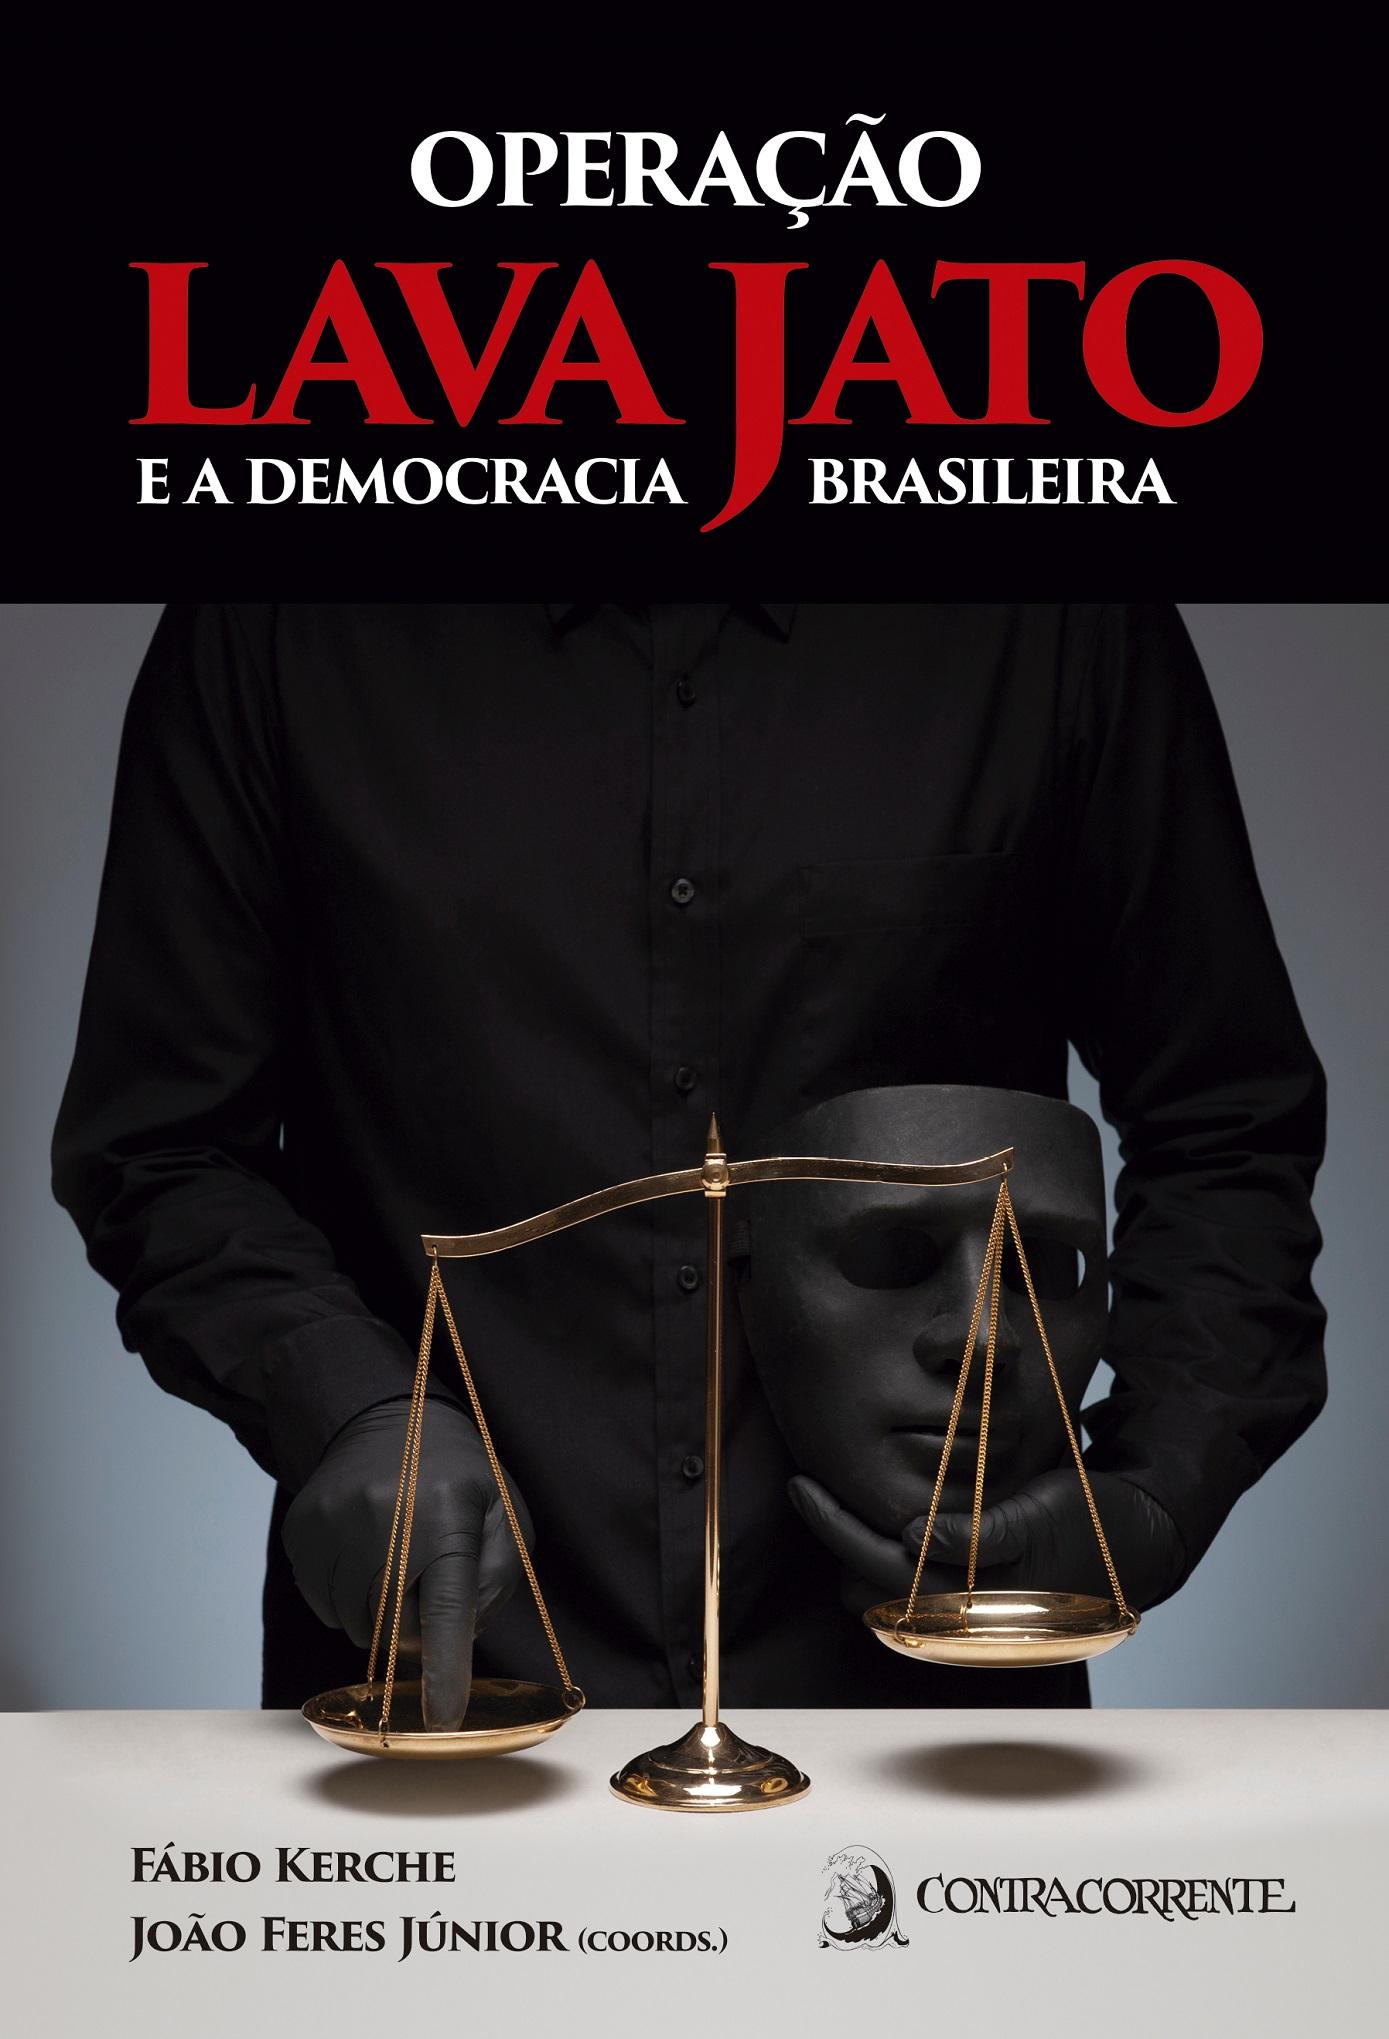 Operação Lava Jato e a democracia brasileira, livro de Fábio Kerche, João Feres Júnior (orgs.)